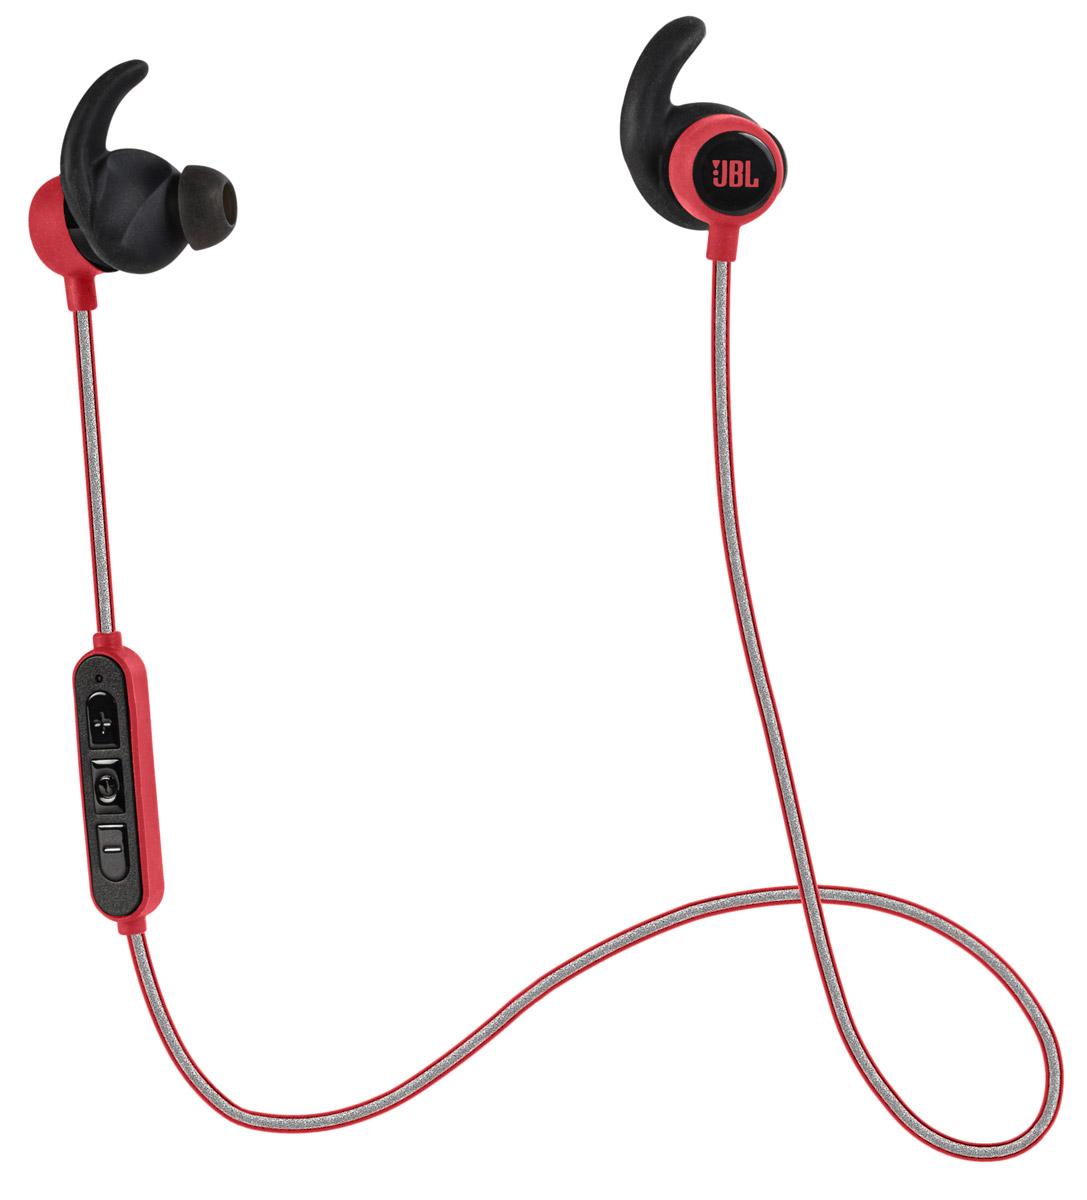 JBL Reflect Mini BT, Red беспроводные наушникиJBLREFMINIBTREDПредставляем спортивные Bluetooth-наушники JBL Reflect Mini. Защищенные от капель пота, с вкладышами, не торчащими из ушей, эти сверхлегкие наушники обеспечивают потрясающее звучание JBL, вдохновляя вас на спортивные достижения. Выполняйте кроссфит с уверенностью и тренируйтесь с легкостью, поскольку спортивные Bluetooth-наушники JBL Reflect Mini не ограничивают вас проводами и обеспечивают 8 часов воспроизведения через высококачественные 5,8-мм мембраны. Пульт управления и микрофон, управляемые одной кнопкой, стильный ассортимент цветов и возможность с легкостью очищать наушники после использования понравятся в равной степени как тем, кто обращается к спорту лишь по выходным, так и серьезным спортсменам. Светоотражающий кабель хорошо заметен в темное время суток.